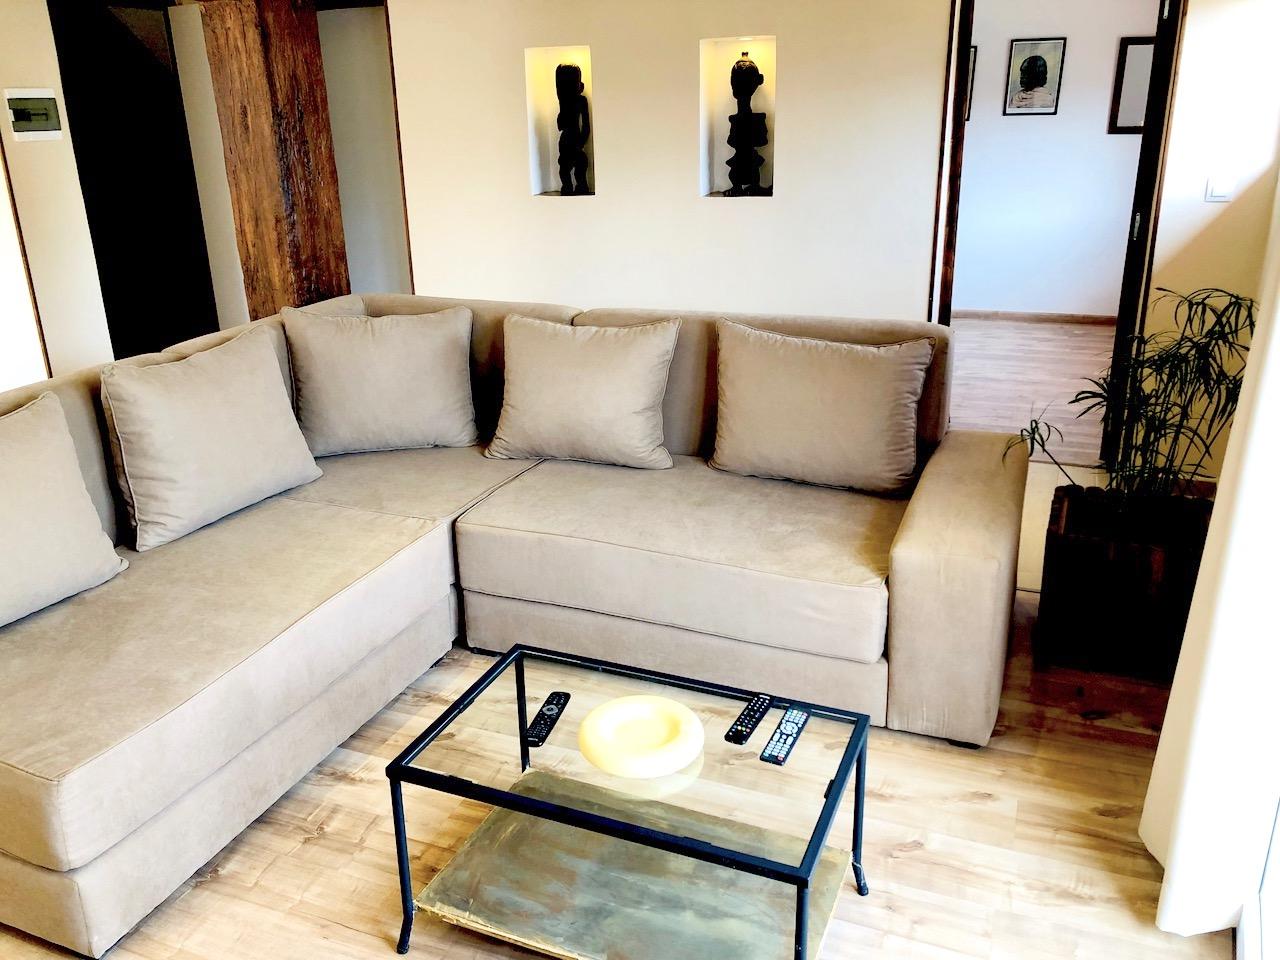 Studio meublé à louer à Antananarivo - Madagascar - Nofylou 2 - 10